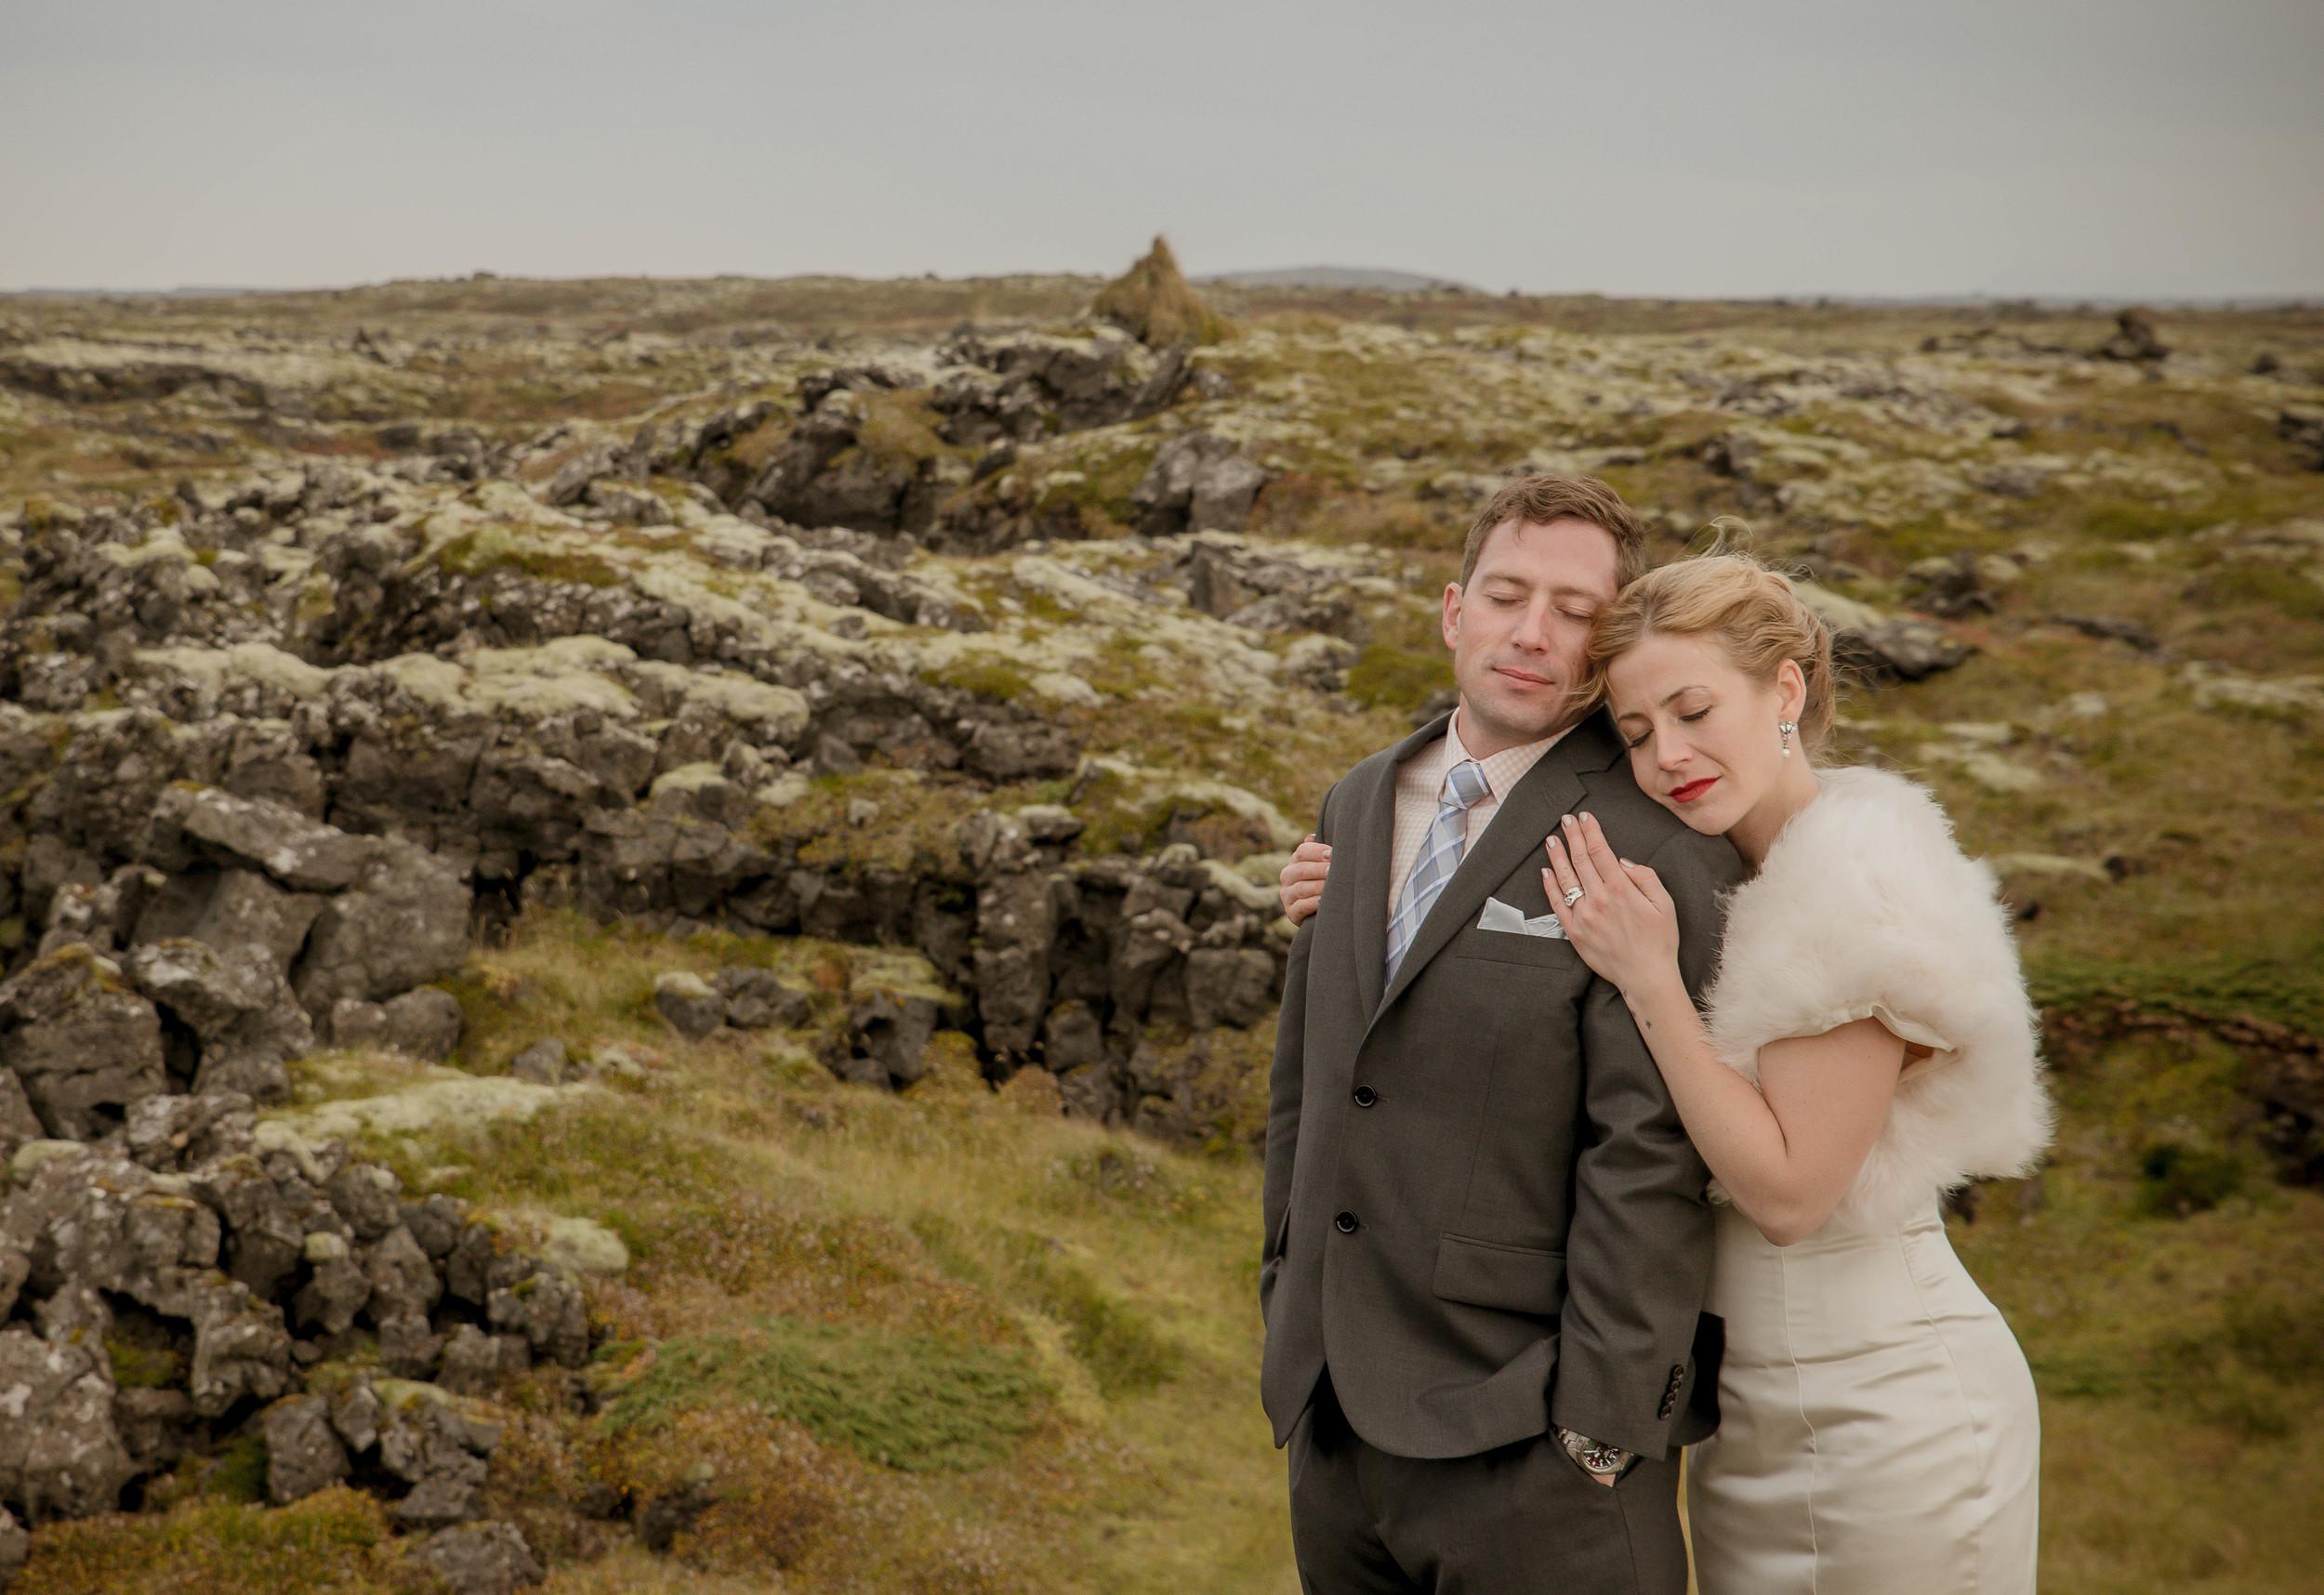 Iceland-Wedding-Photographer-Photos-by-Miss-Ann-32.jpg